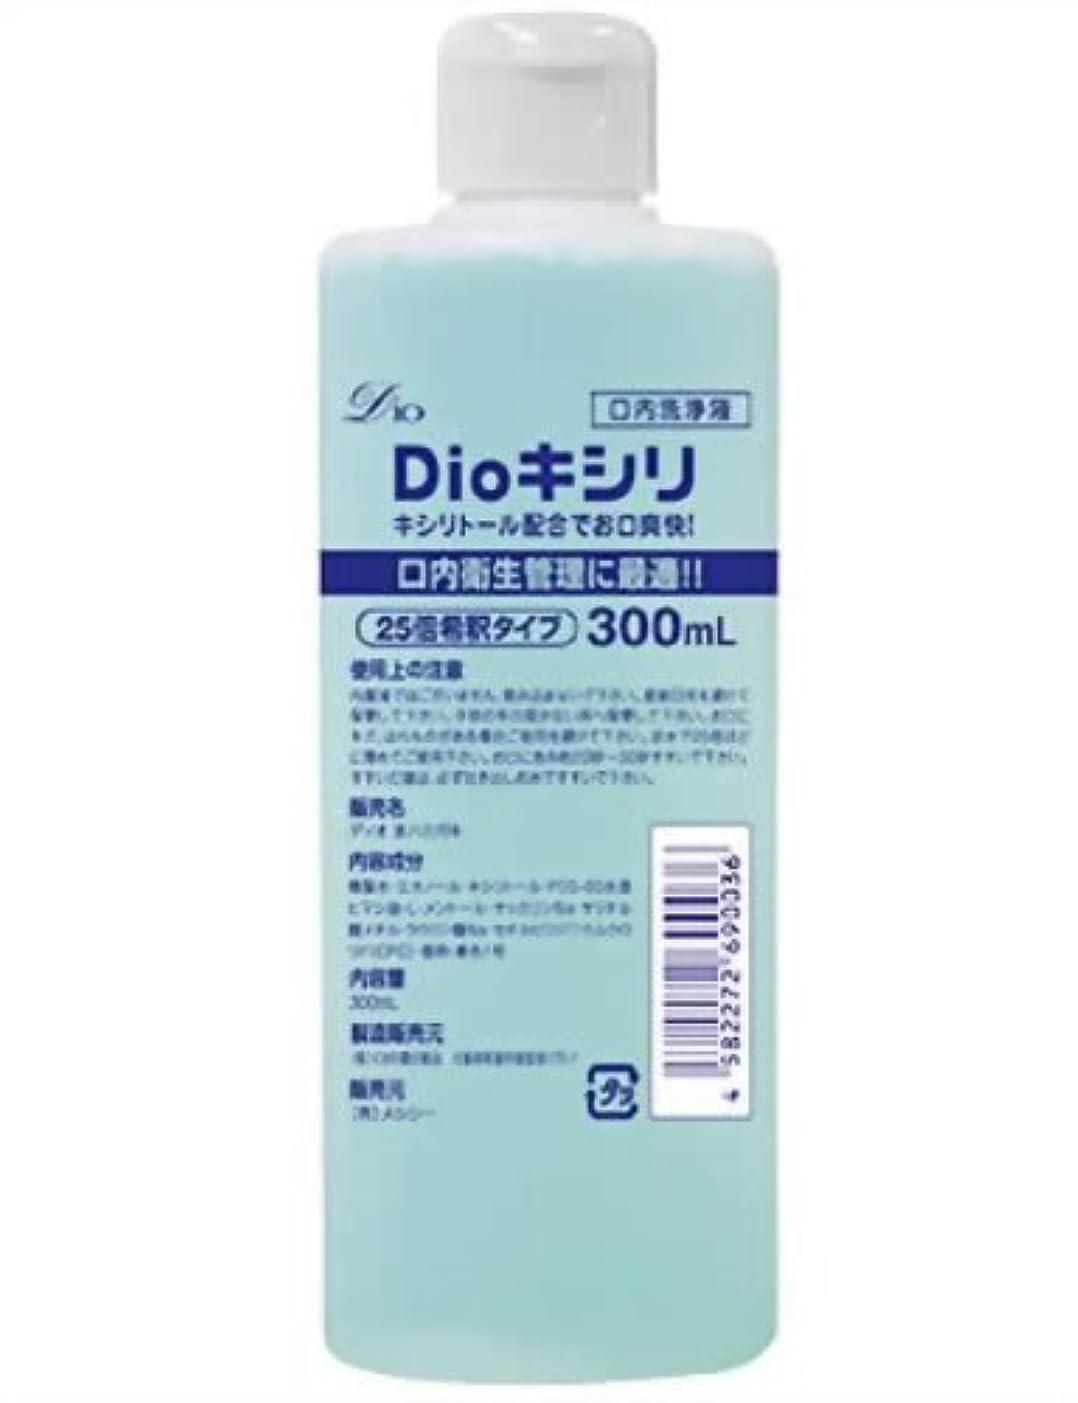 含意野生テクニカル【業務用】 Dioキシリ 300ml